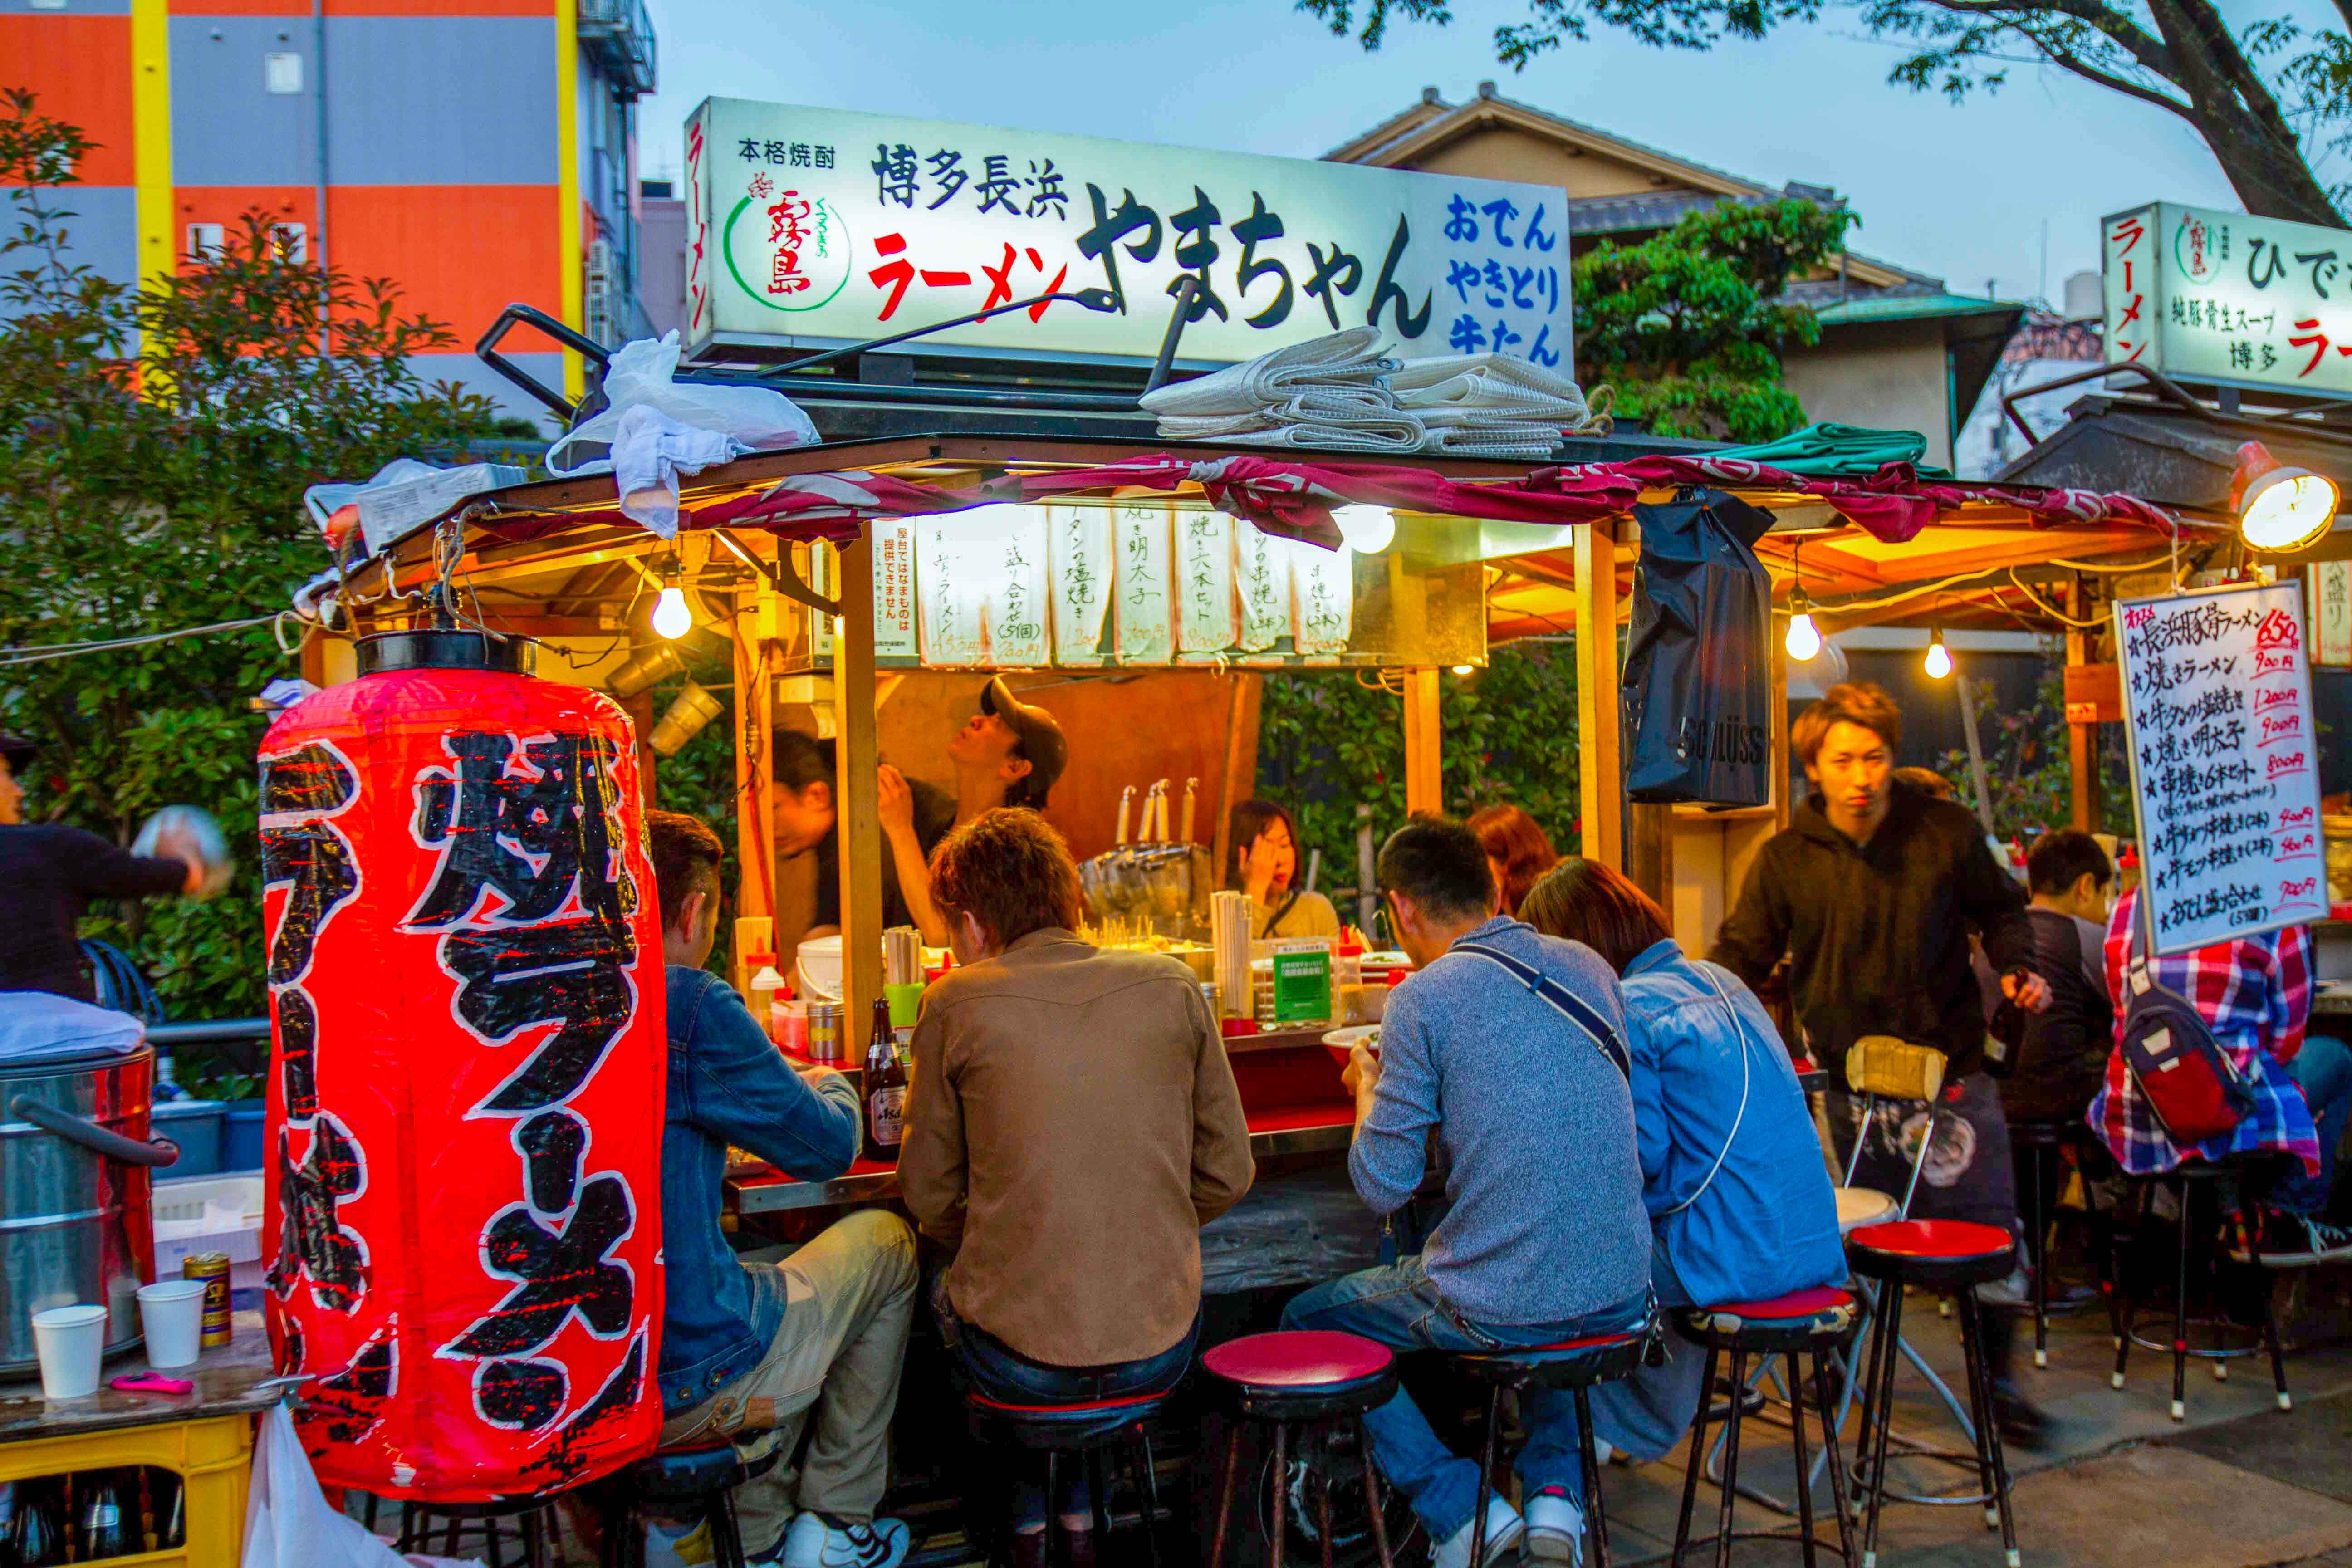 Ramen Yamachan food stall in Nakasu, Fukuoka.